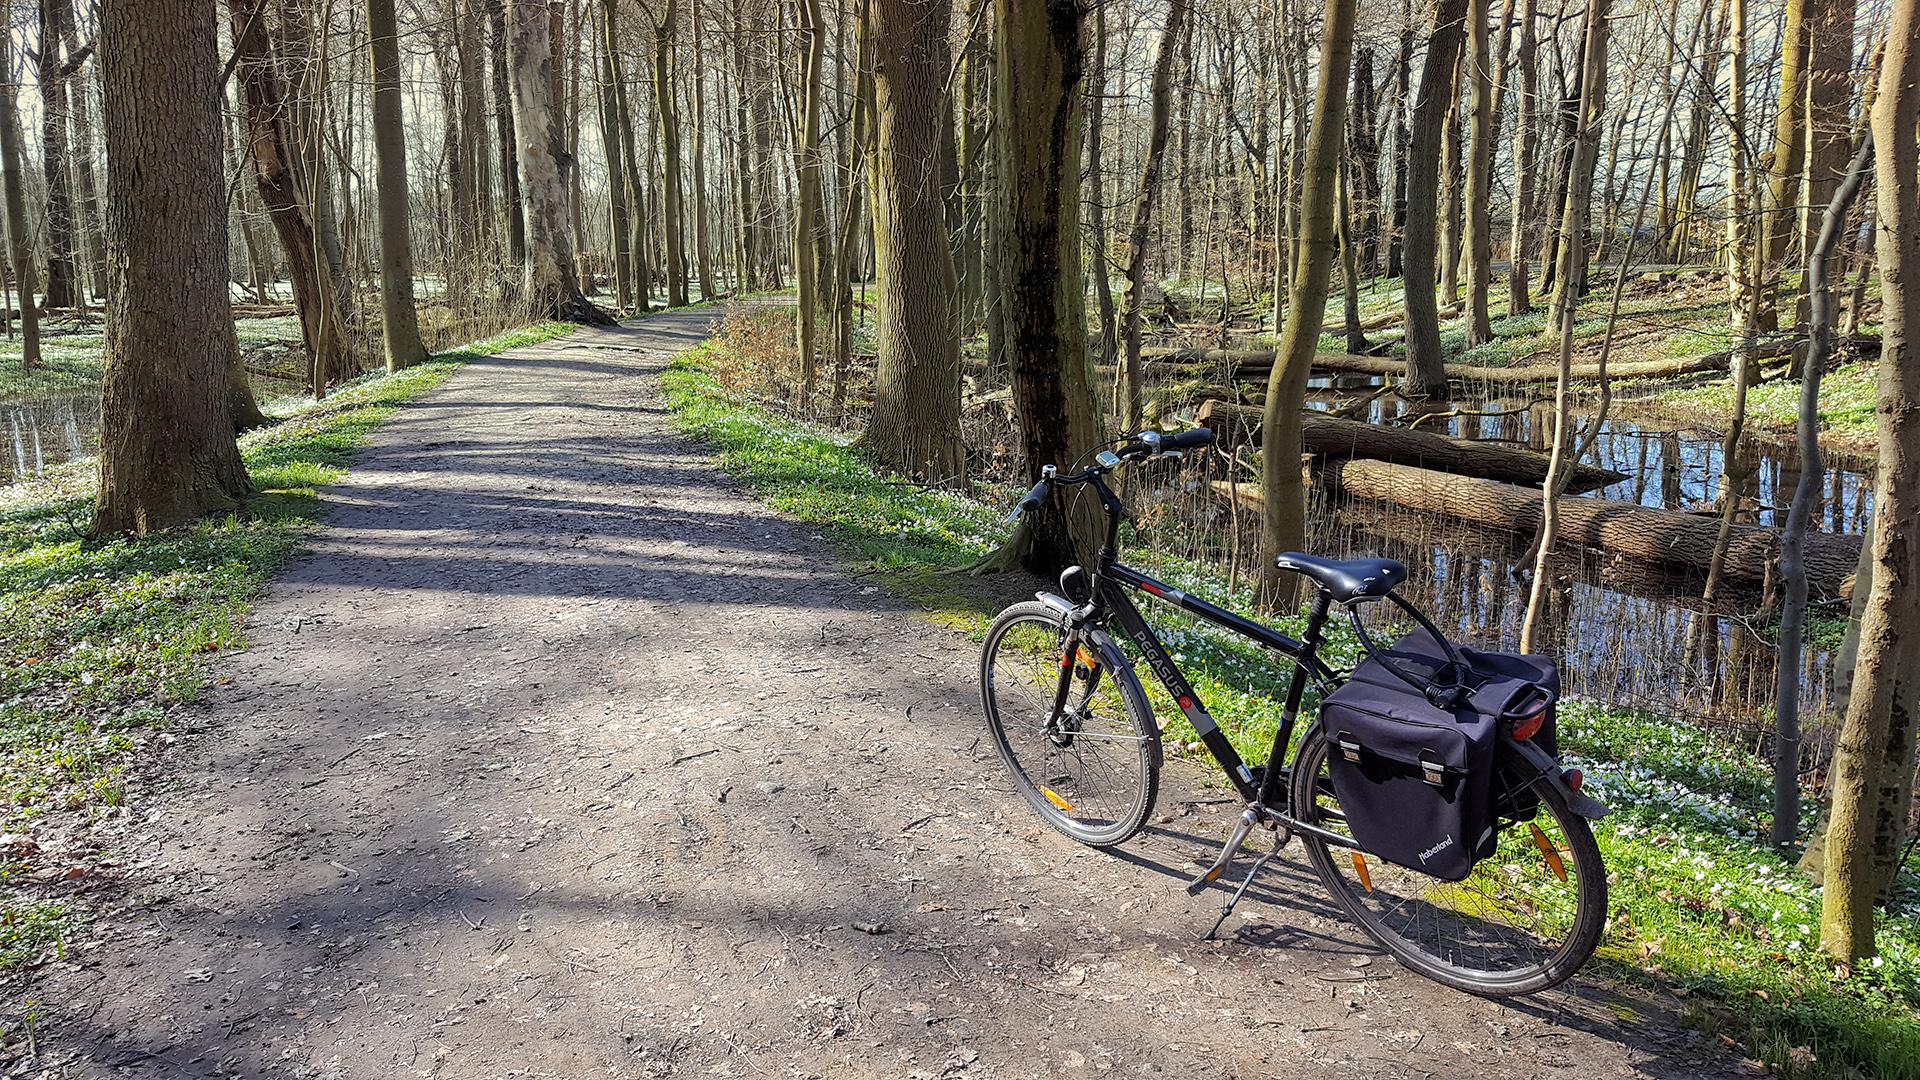 Fahrradtour im Wald